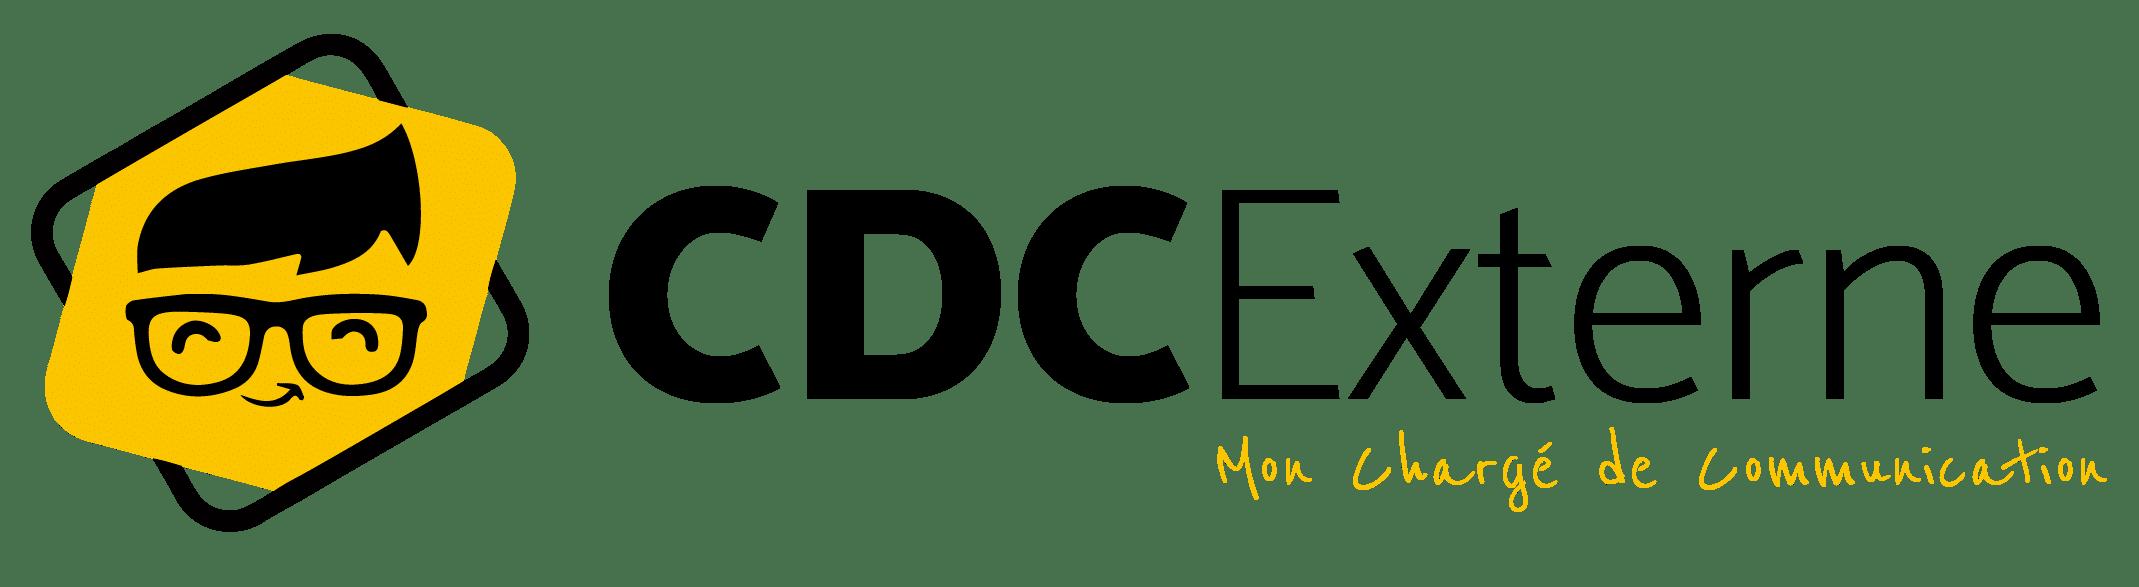 Logo CDC Externe au format paysage